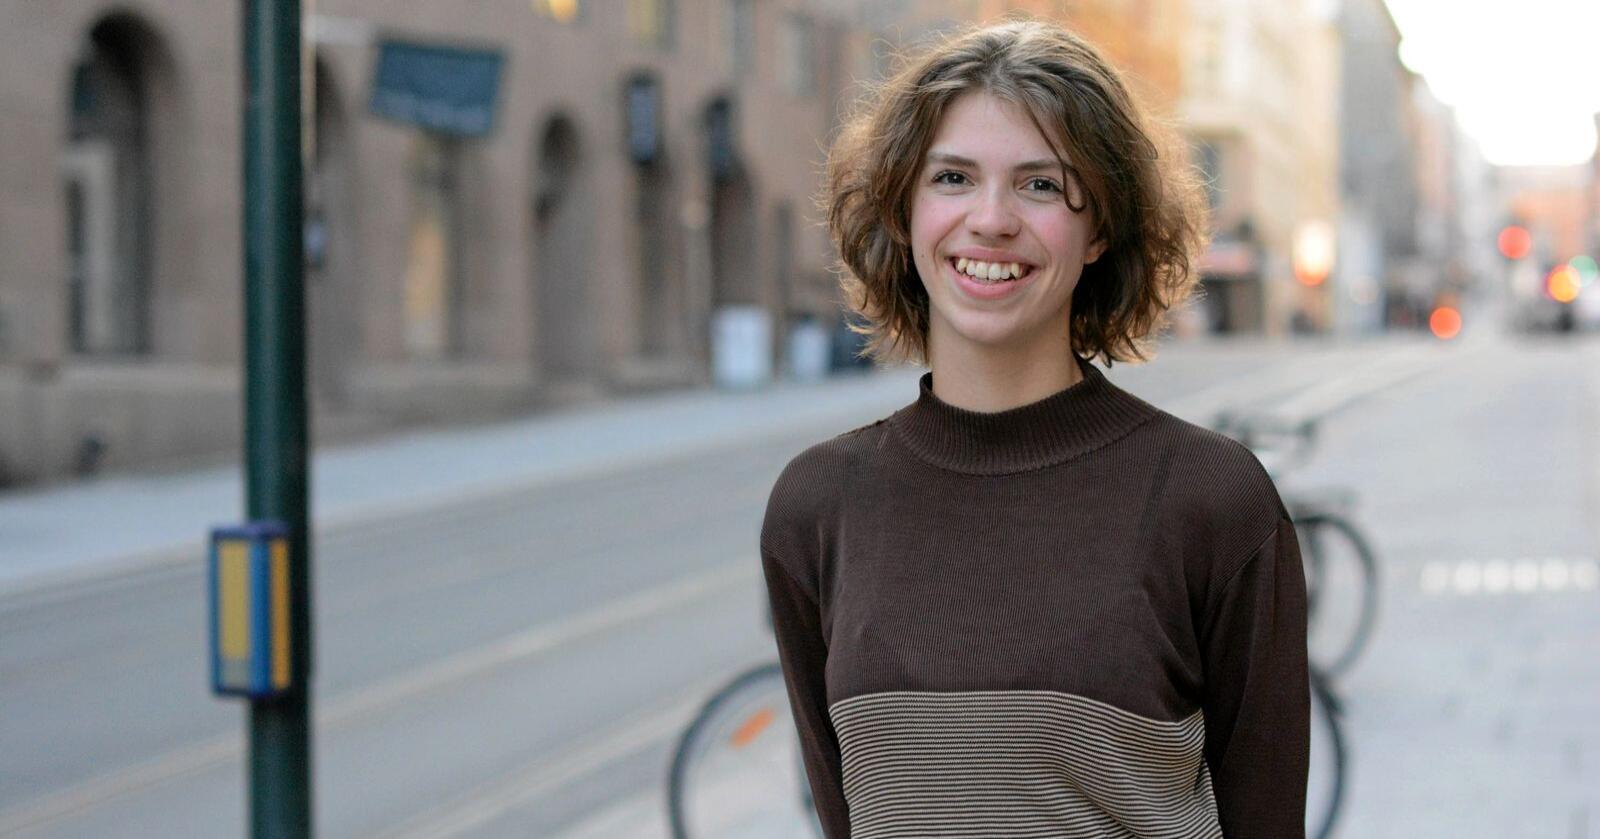 Norge er avhengig av bonden, skriver Alberte Tennøe Bekkhus, leder i Rød Ungdom. Foto: Rød Ungdom